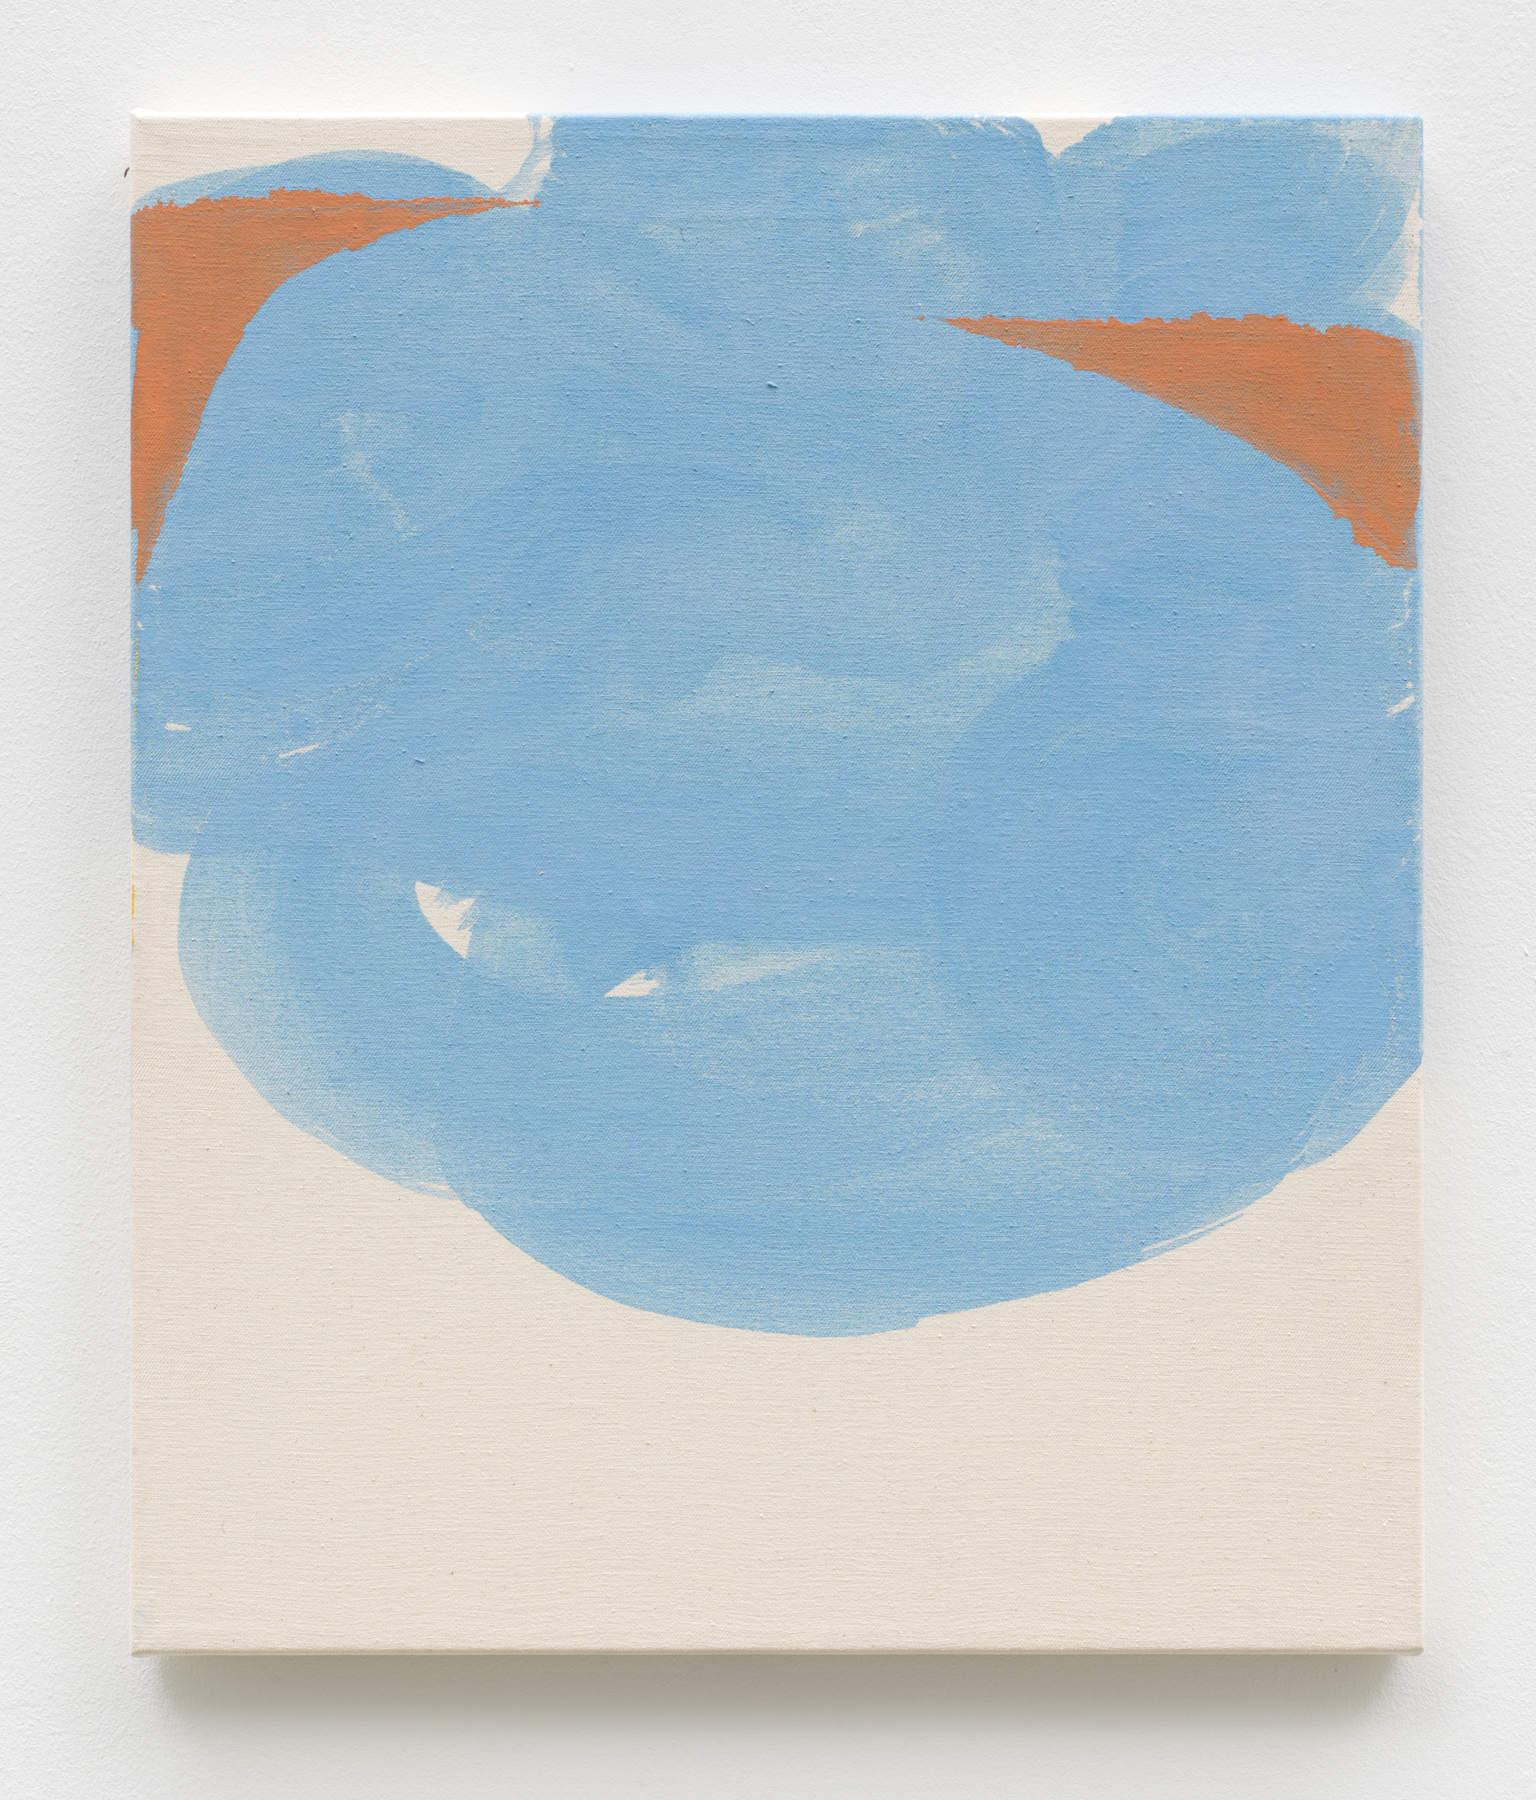 Amadyar_2016_hot yoga_Galerie Guido W. Baudach, Berlin